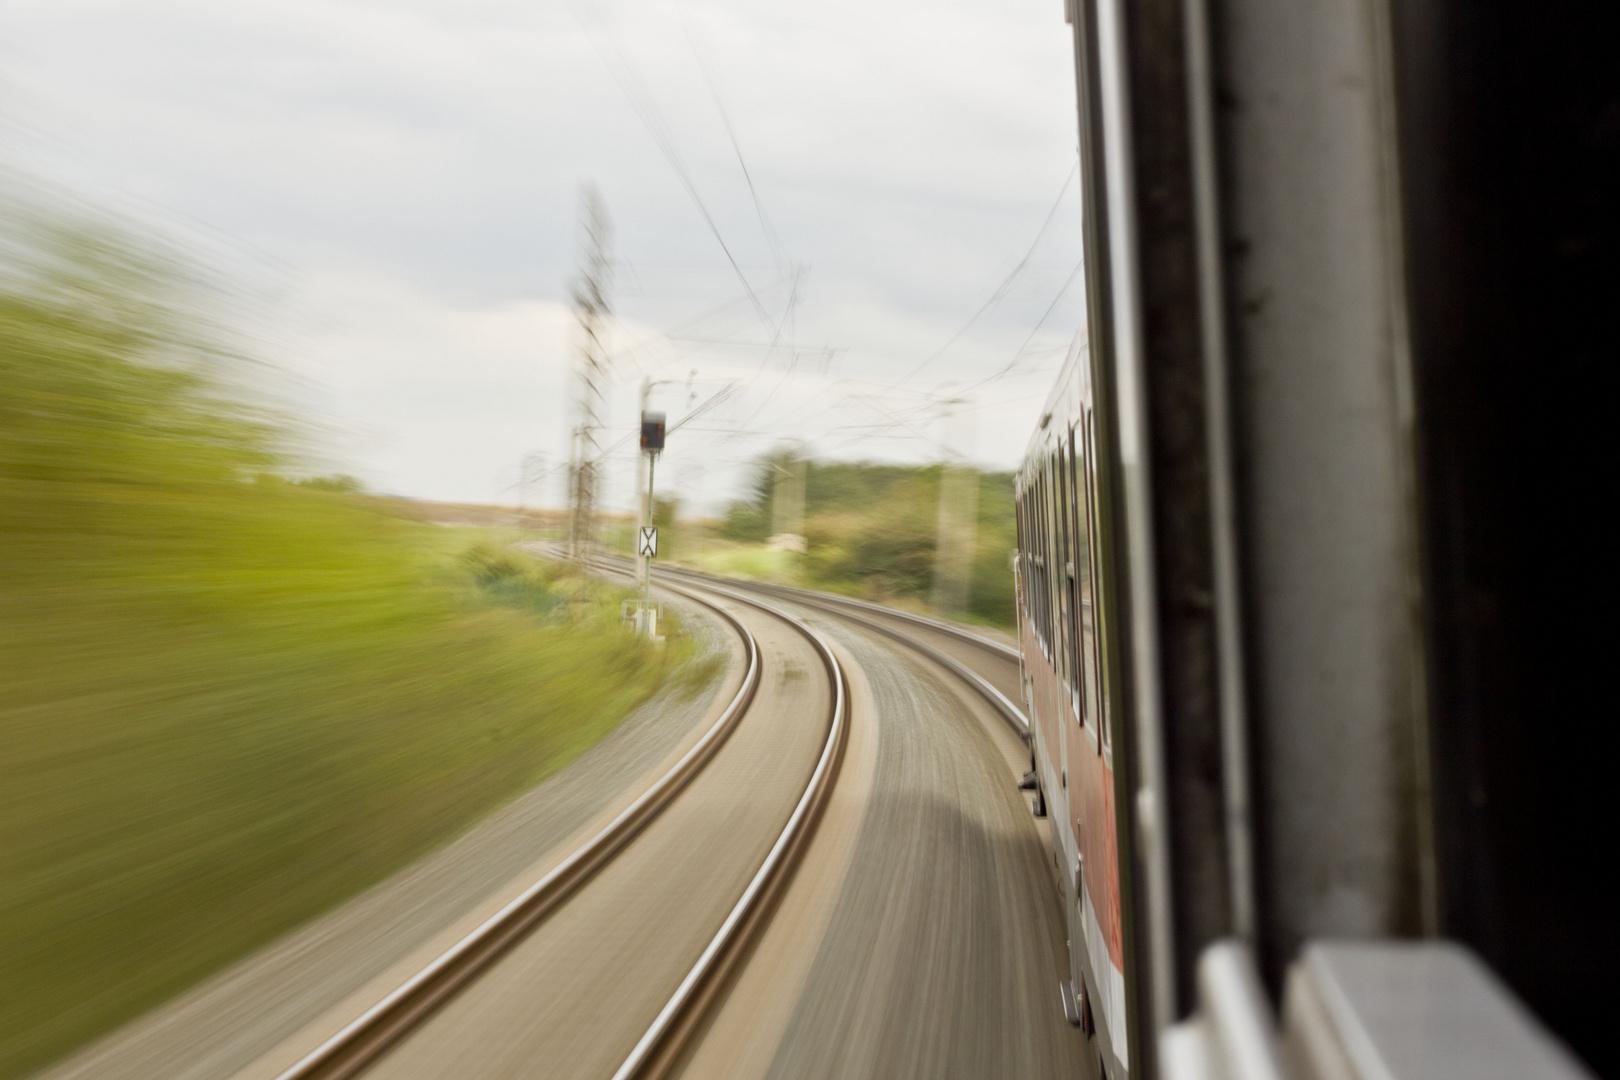 RE von Würzburg Hbf nach Treuchtlingen